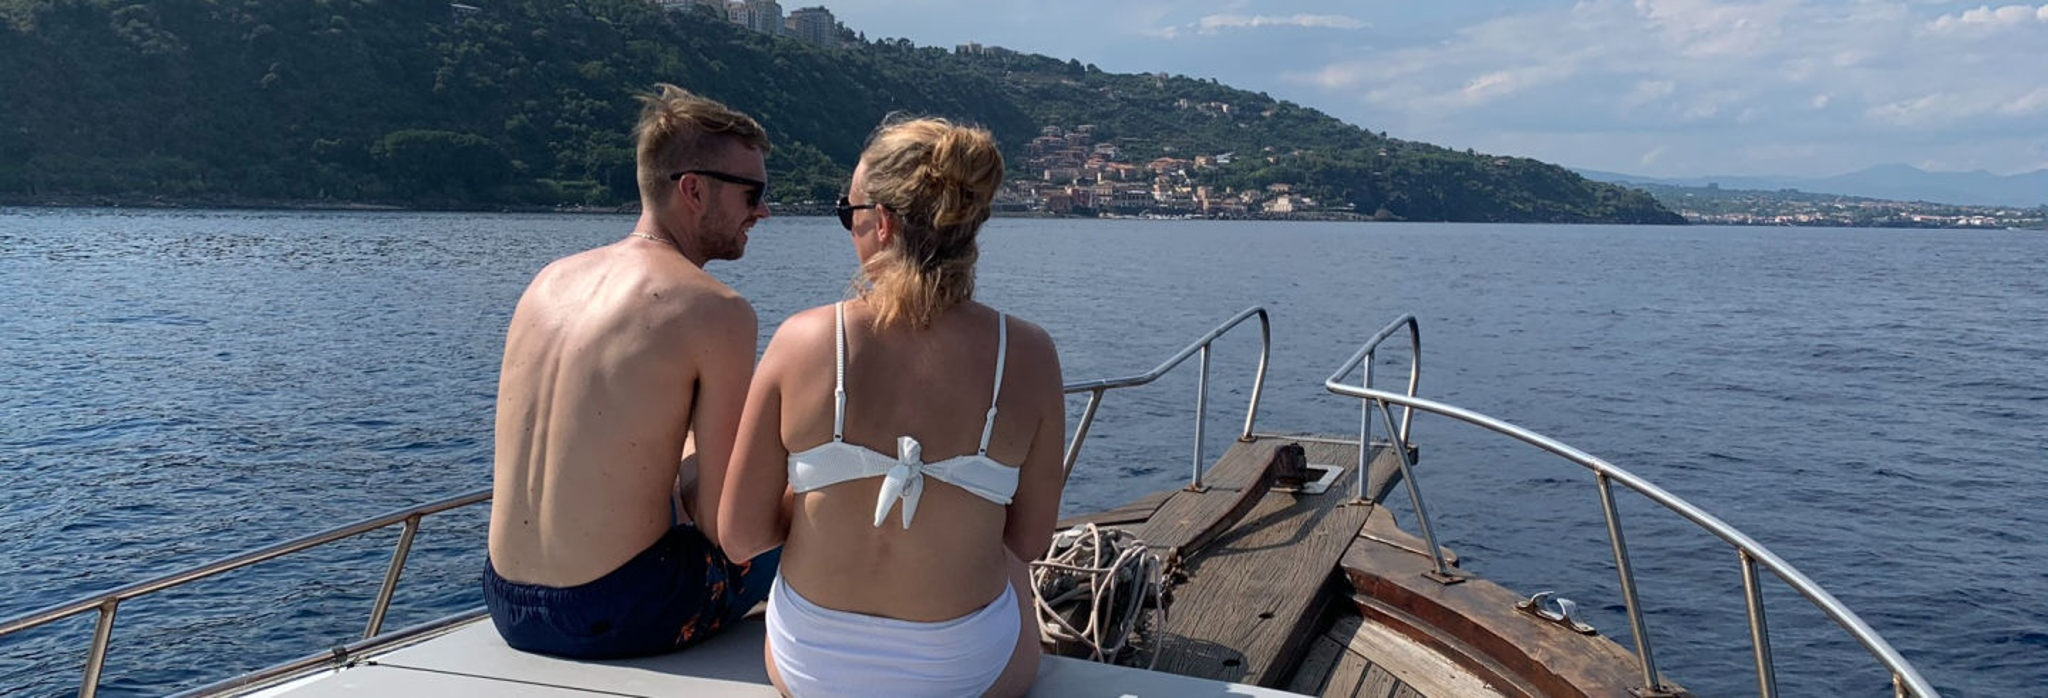 Balade en bateau aux Îles Cyclopes et à la Réserve La Timpa